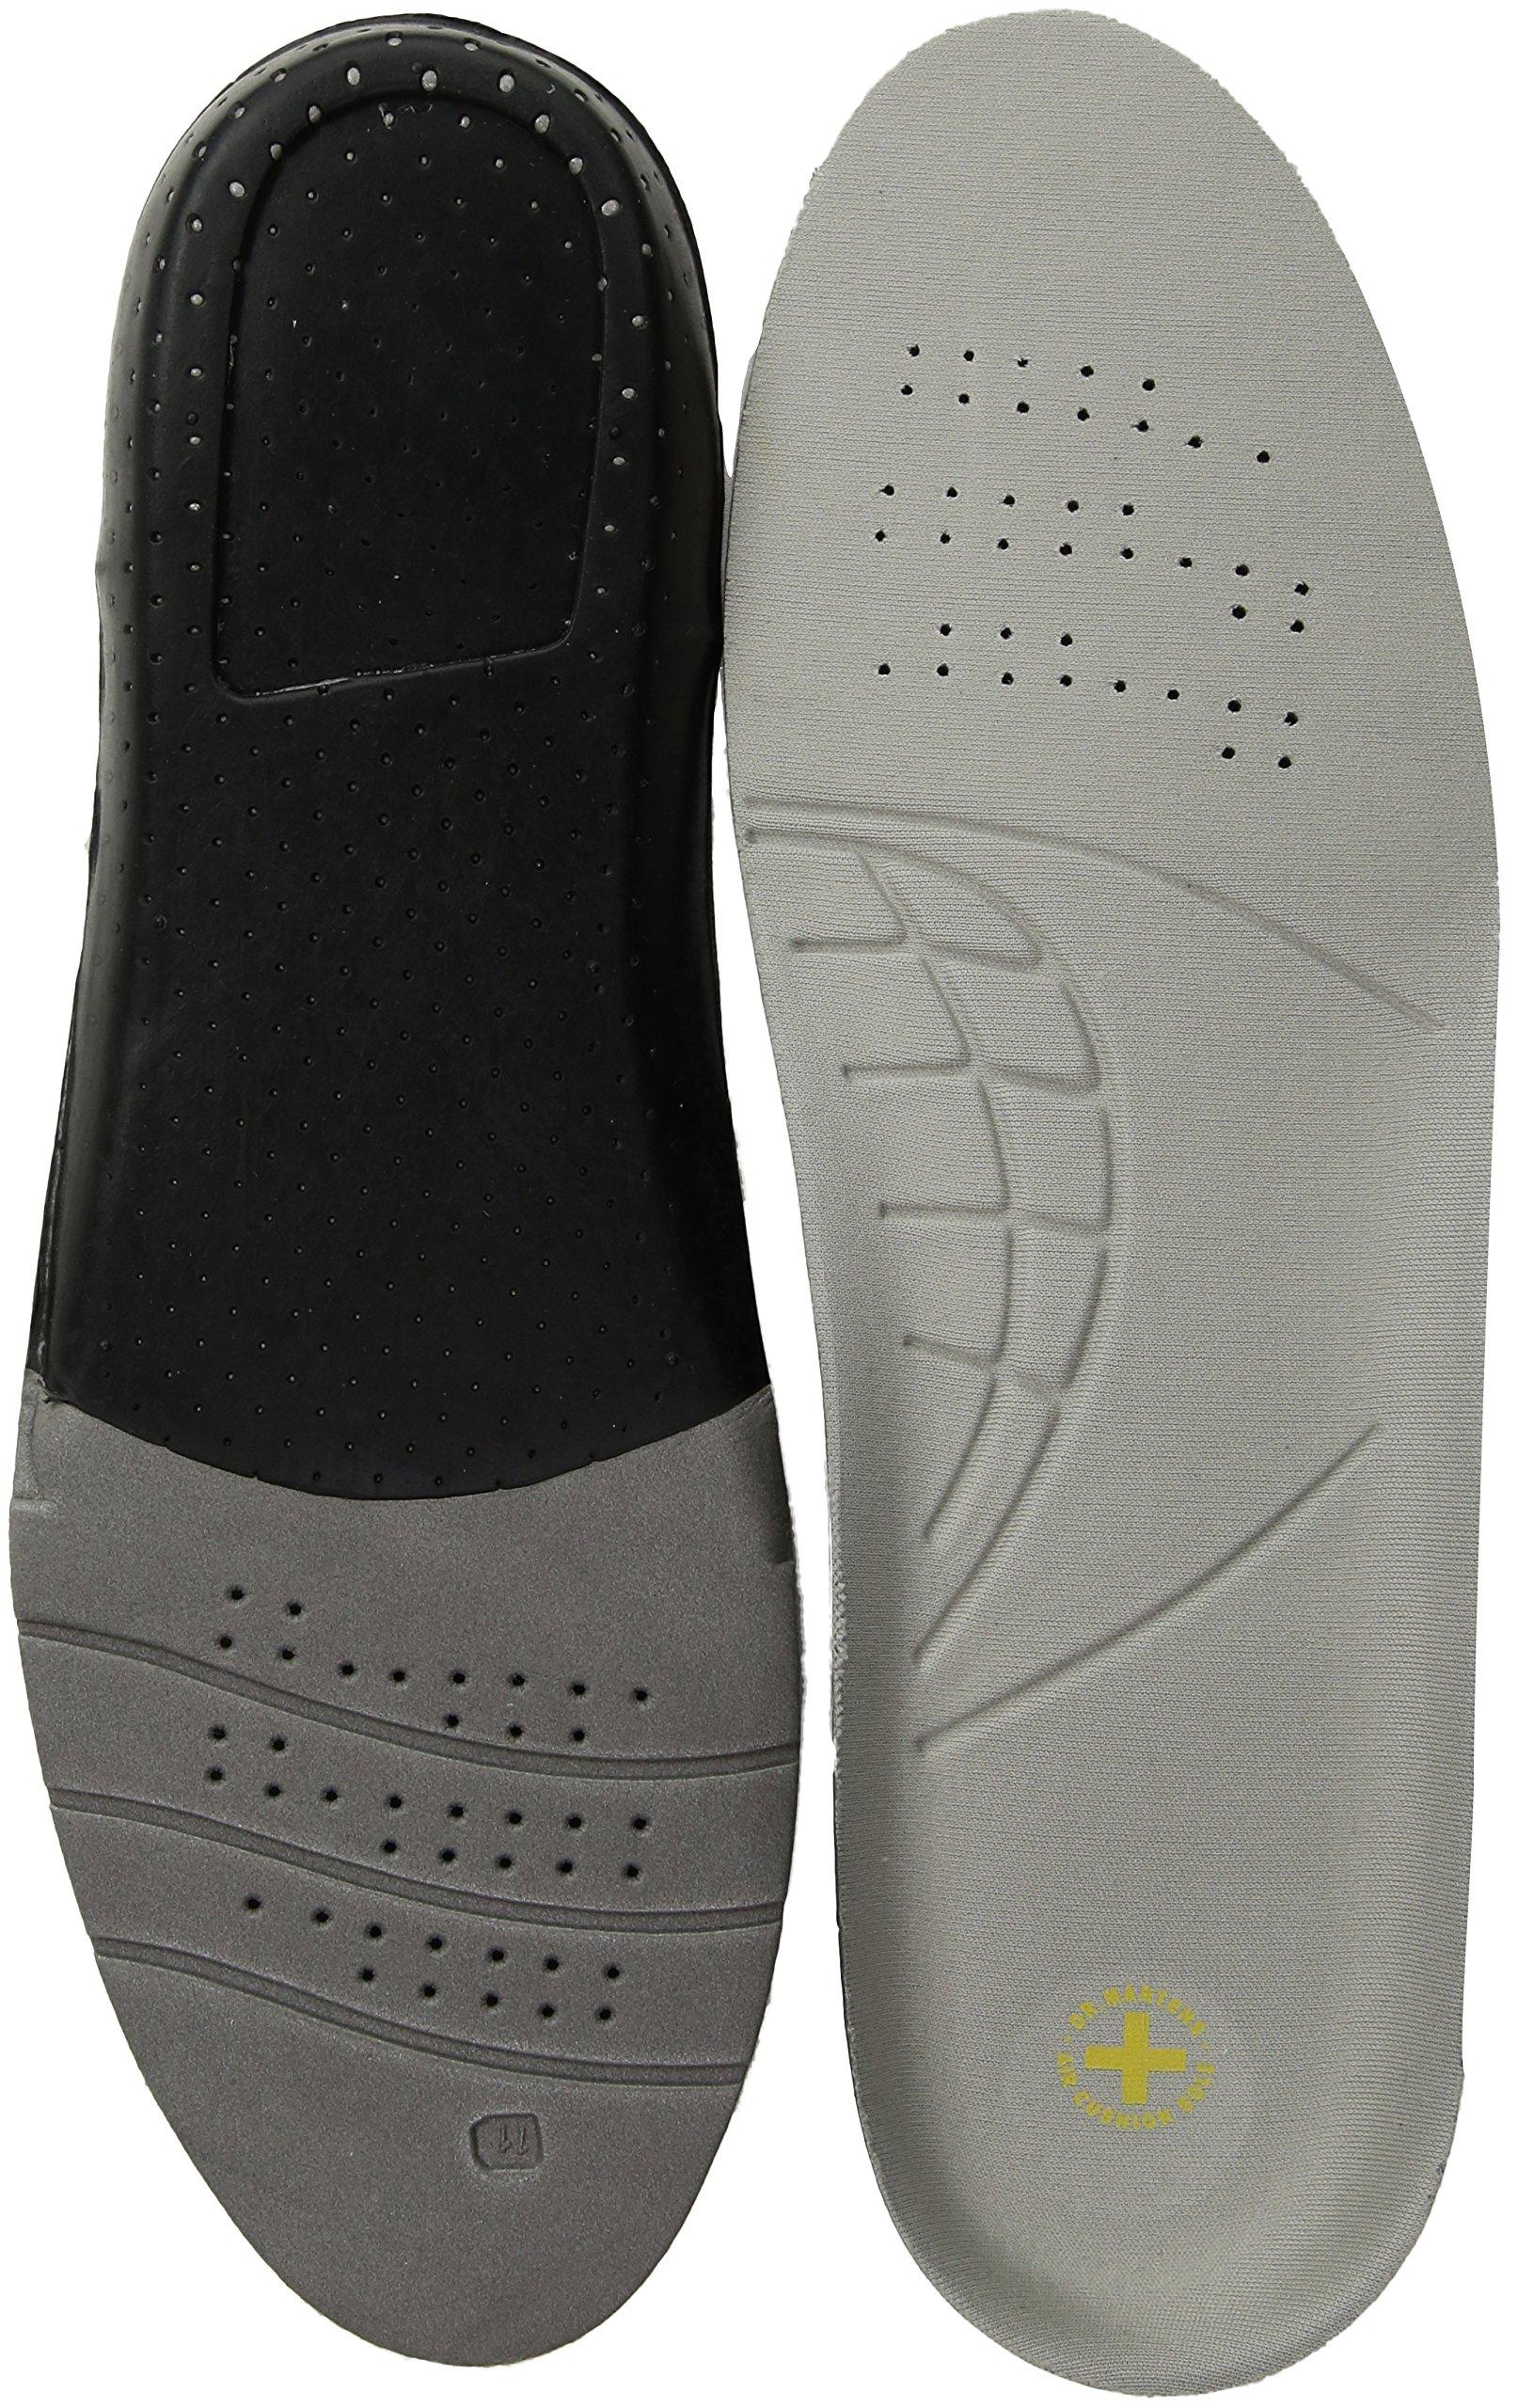 ip comforter mens shoe dr doctor walking shoes wide walmart width tundra s comfort scholl com